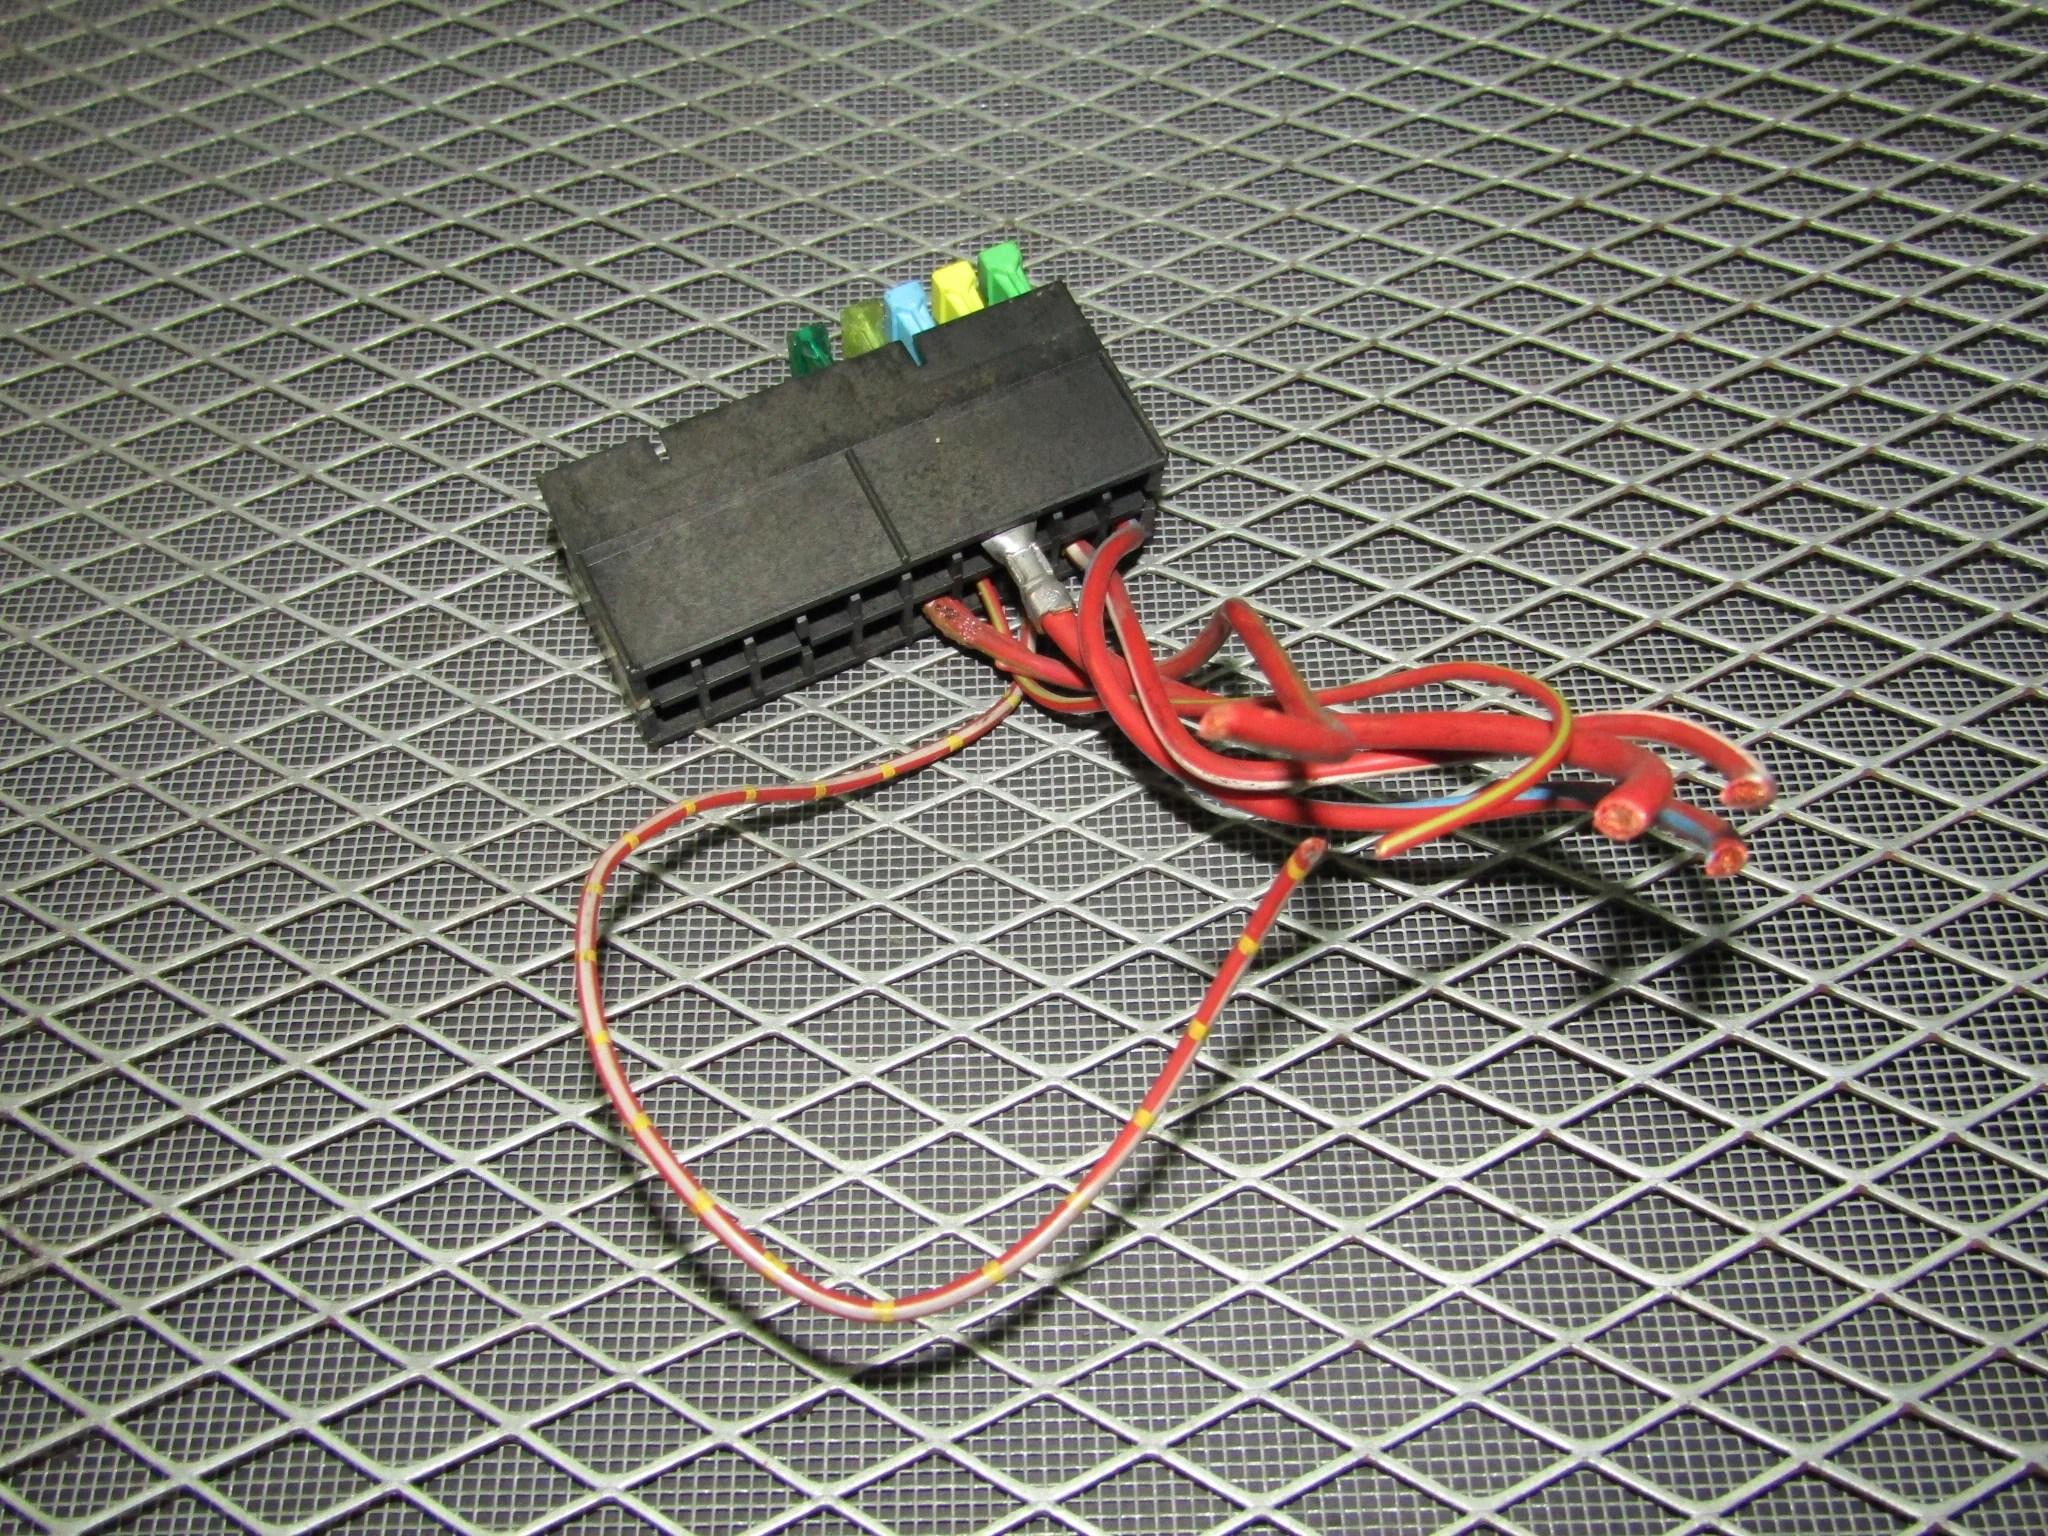 medium resolution of 92 93 94 95 bmw 325 oem engine fuse box autopartone com rh autopartone com 1994